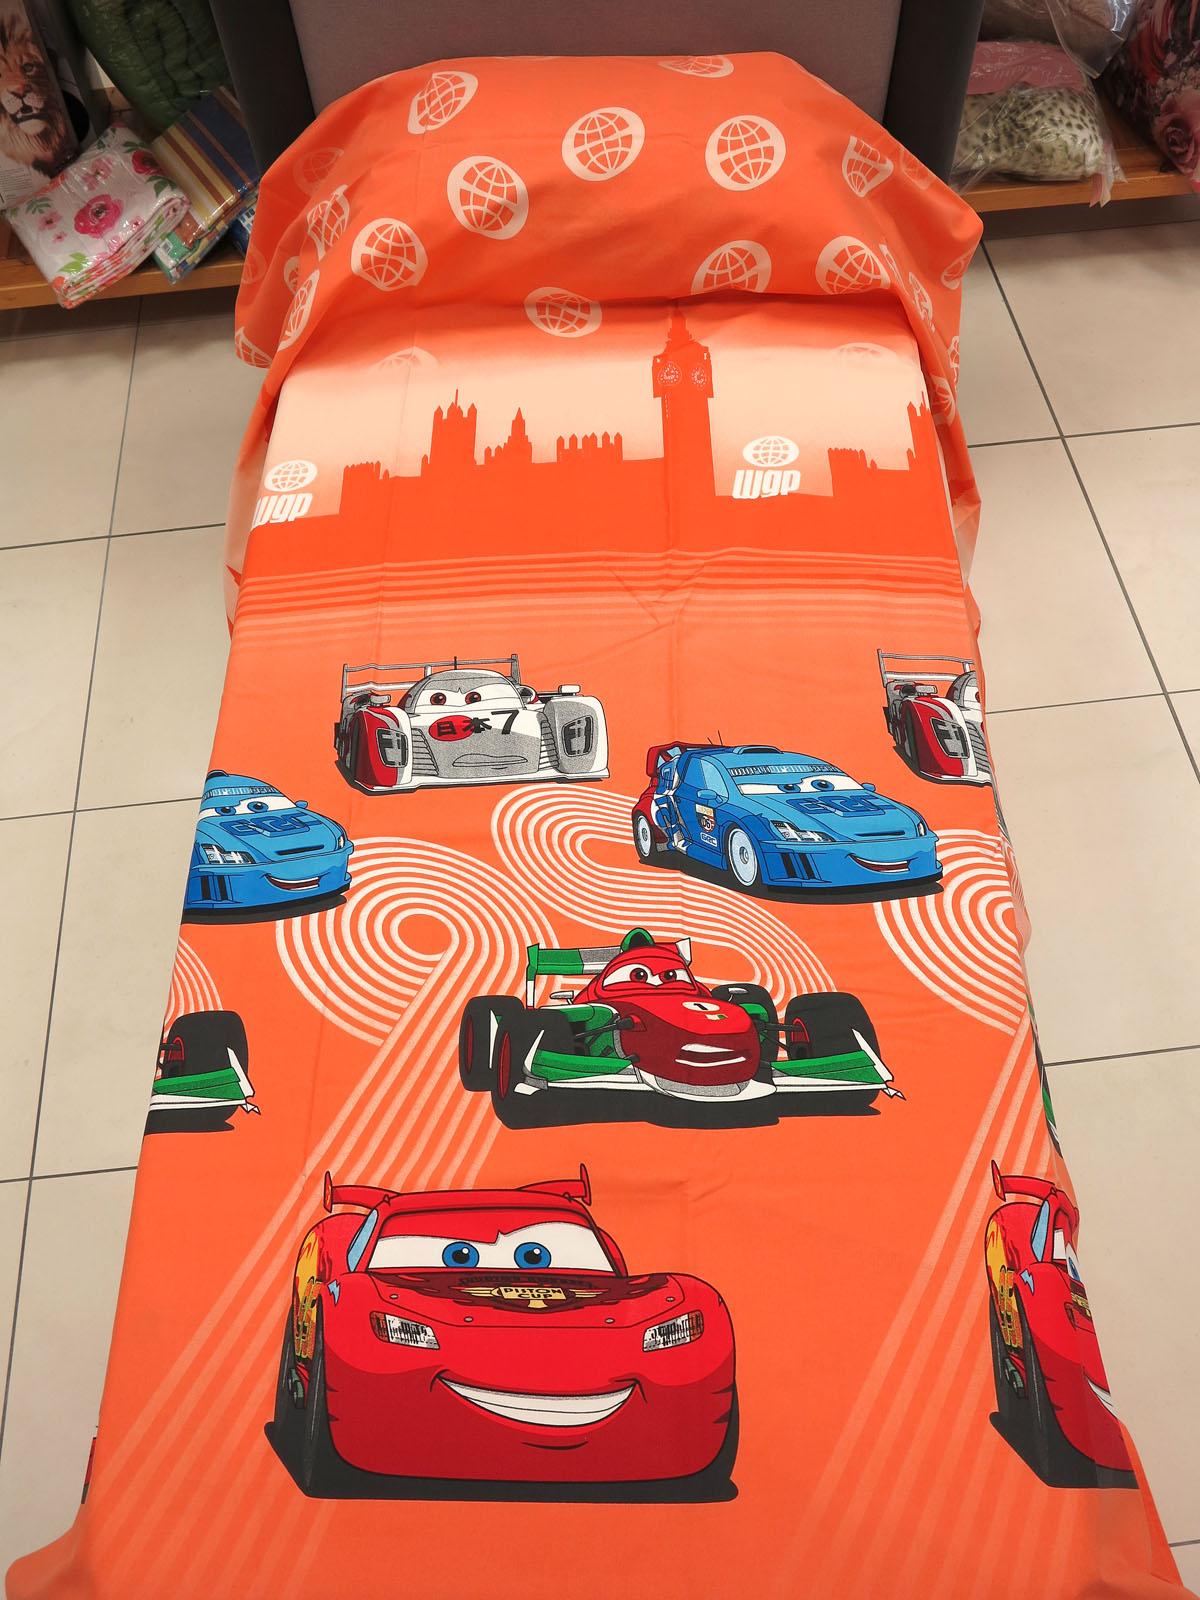 Copripiumino Cars 1 Piazza E Mezzo.Copriletto Estiva Leggera Cars Team 95 Arancio Piazza Mezzo Arancio Caleffi Cm 220x270 Panama Di Cotone